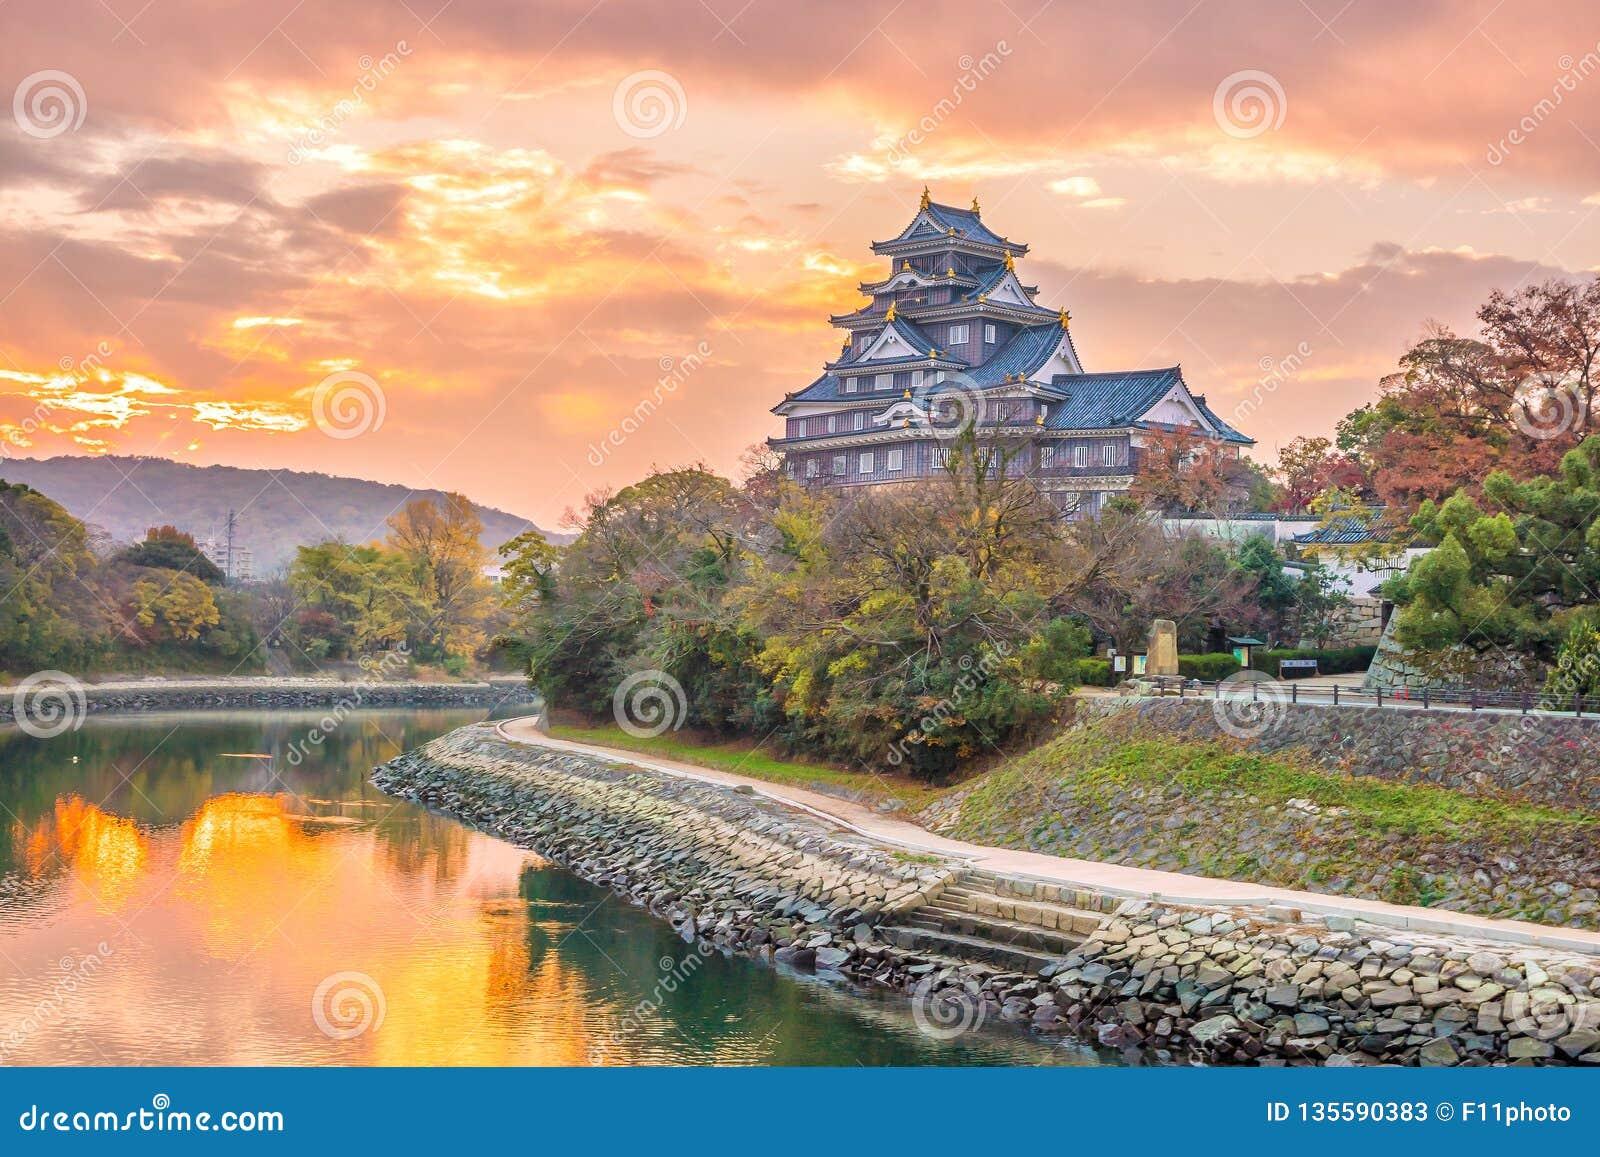 Okayama castle in autumn season in Okayama city, Japan